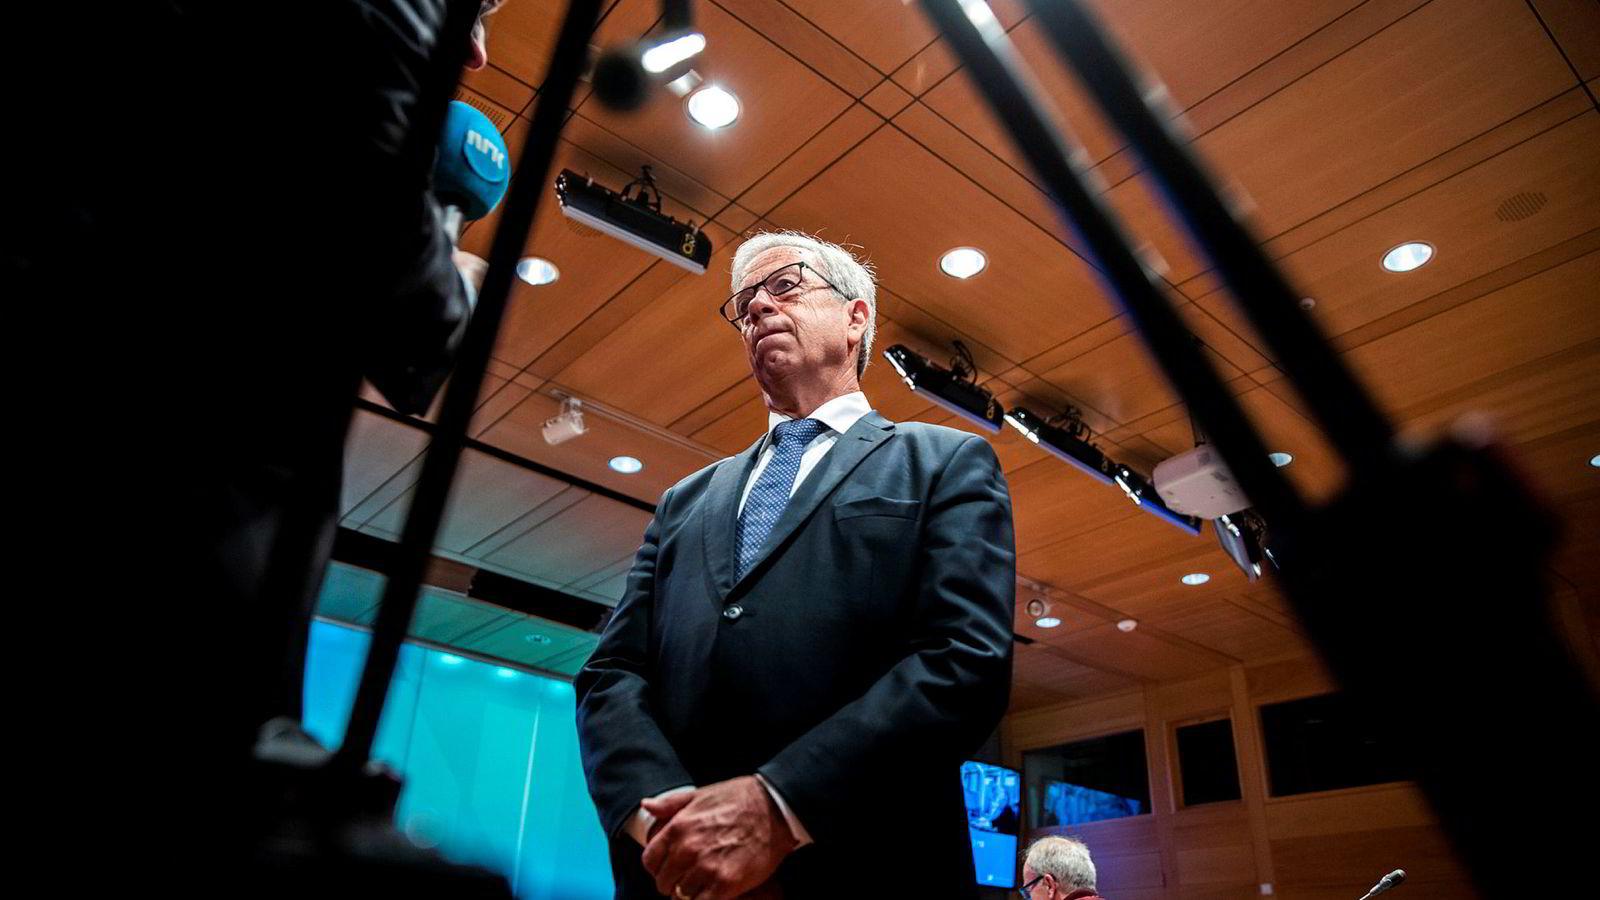 Har Norges Bank og sentralbanksjef Øystein Olsen stirret seg blind på gode konjunkturer hjemme og glemt de dårlige ute?